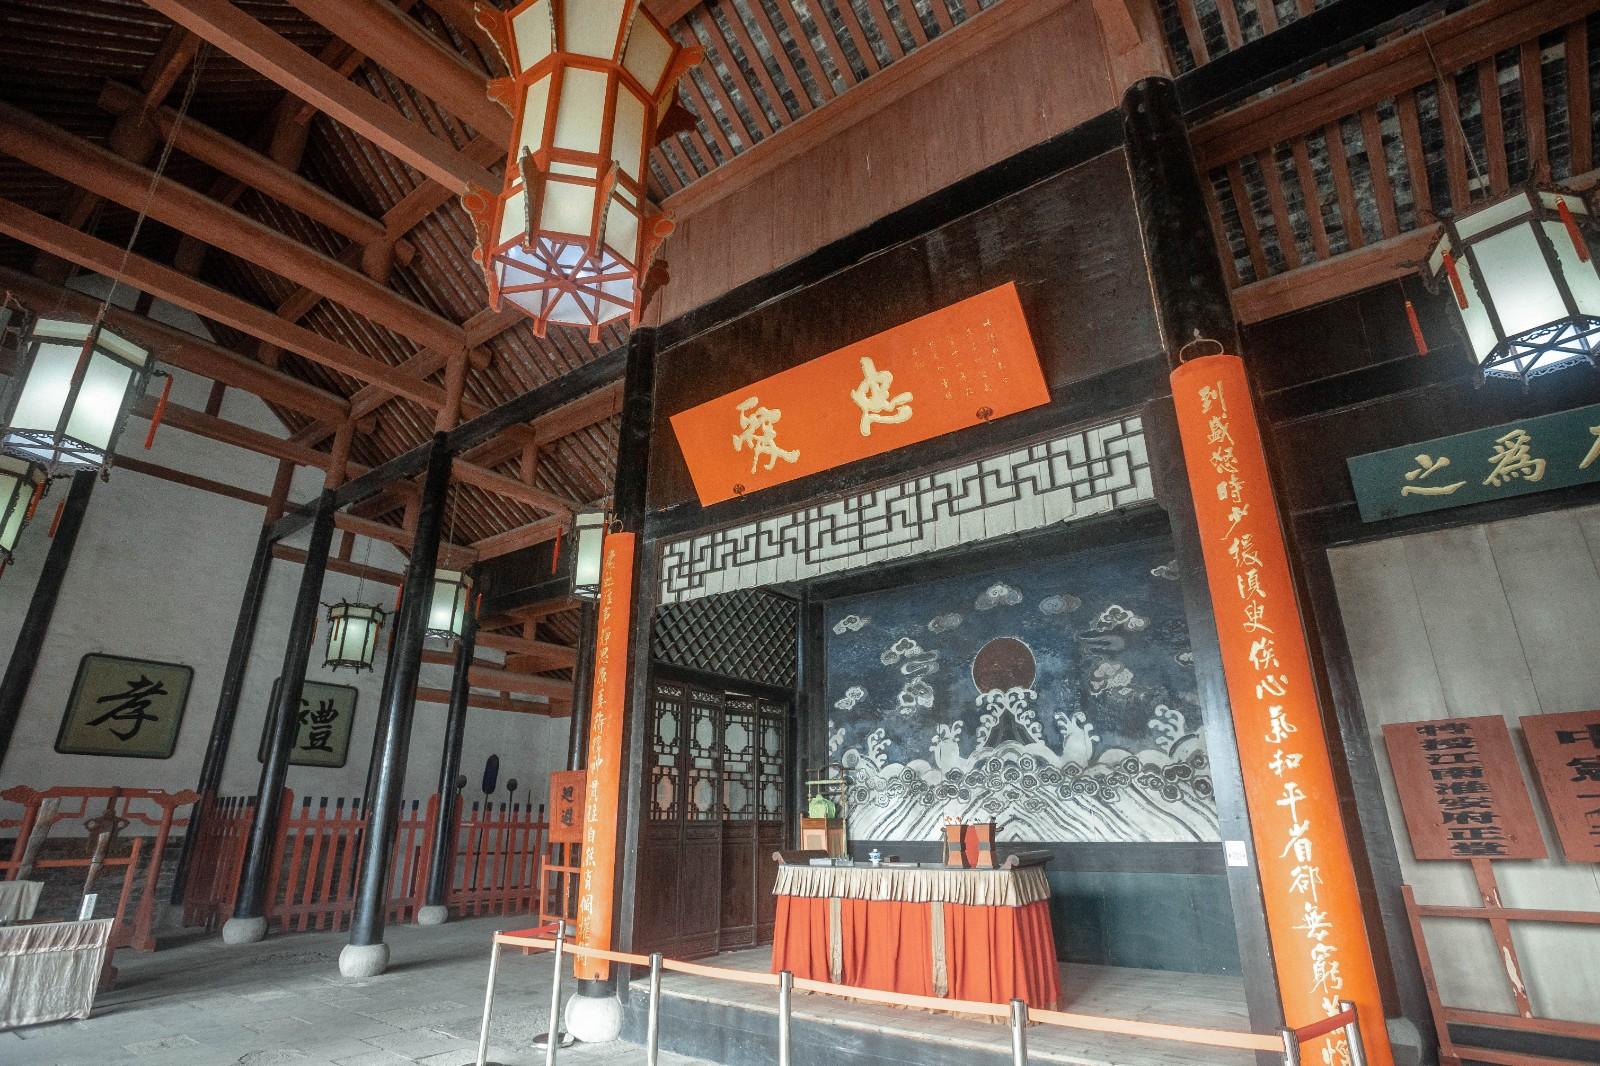 【美图Pick计划】江苏淮安低调的古建筑�群,历史悠久、古迹众多,被誉为全国之最